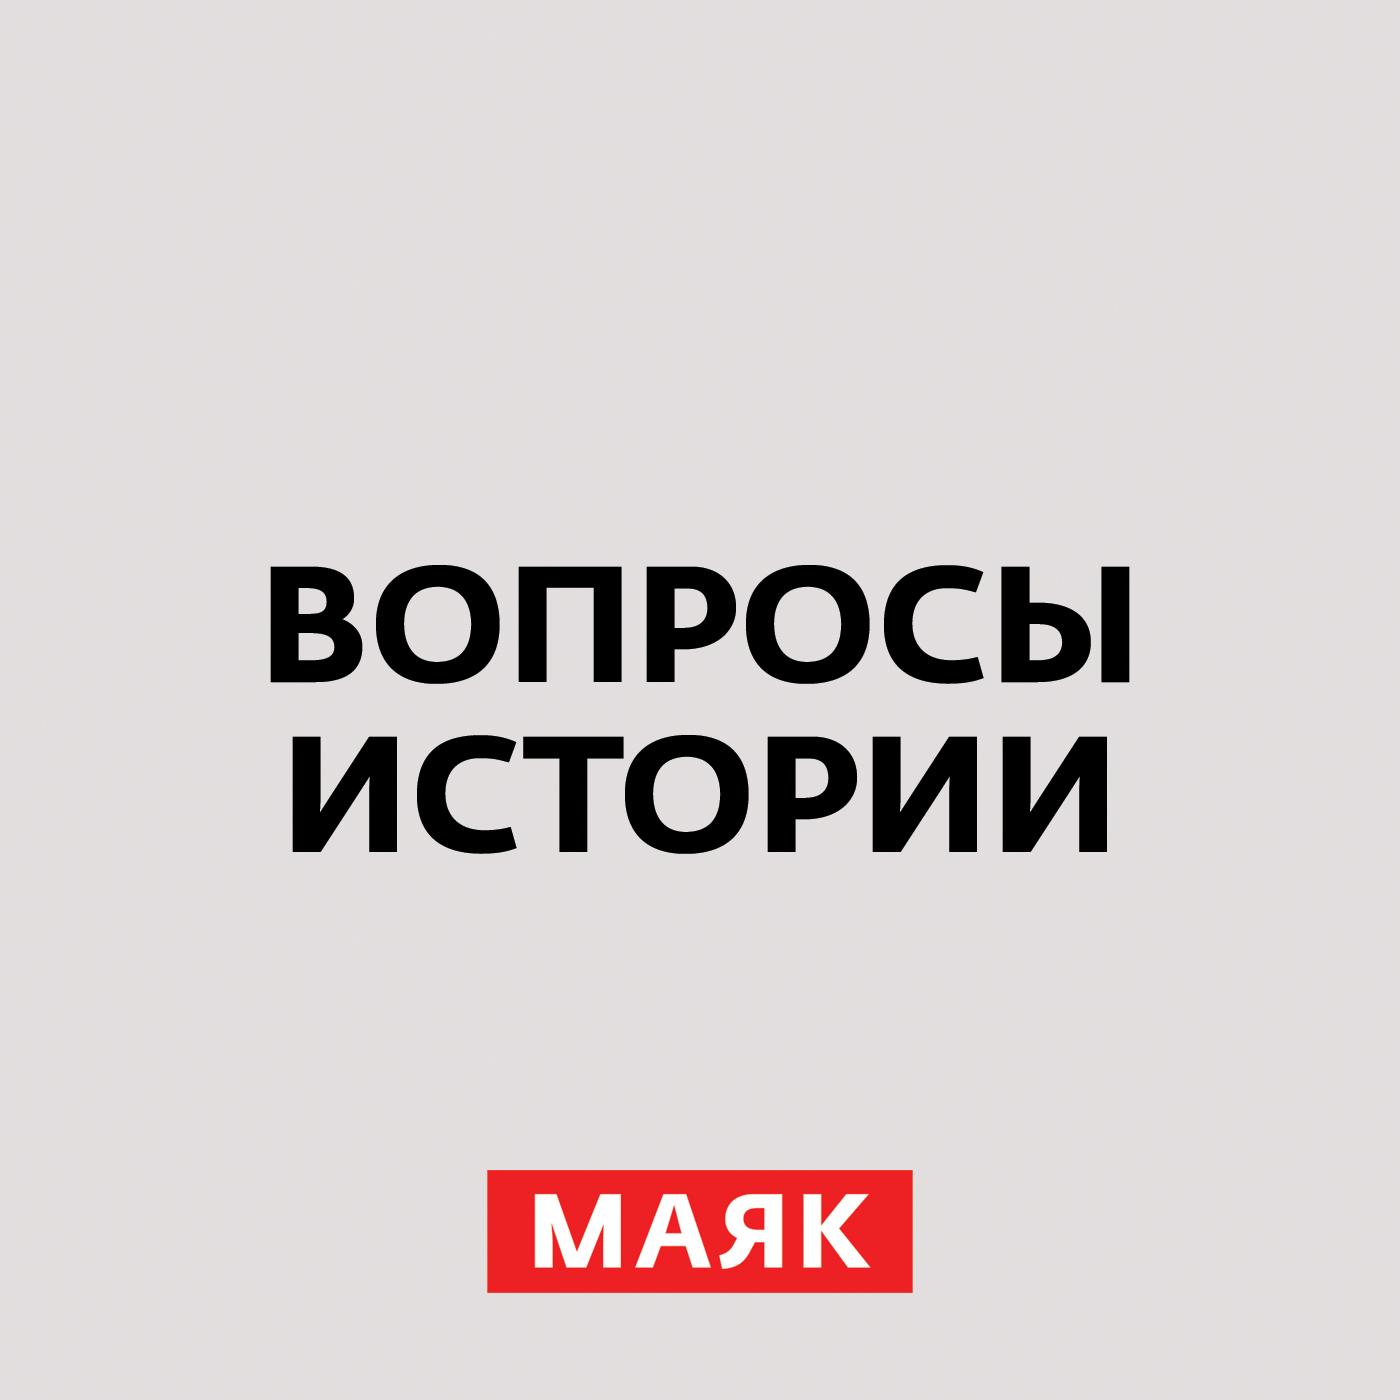 Андрей Светенко А победила ли Россия в Северной войне? Часть 1 андрей светенко правда о крымской войне часть 1